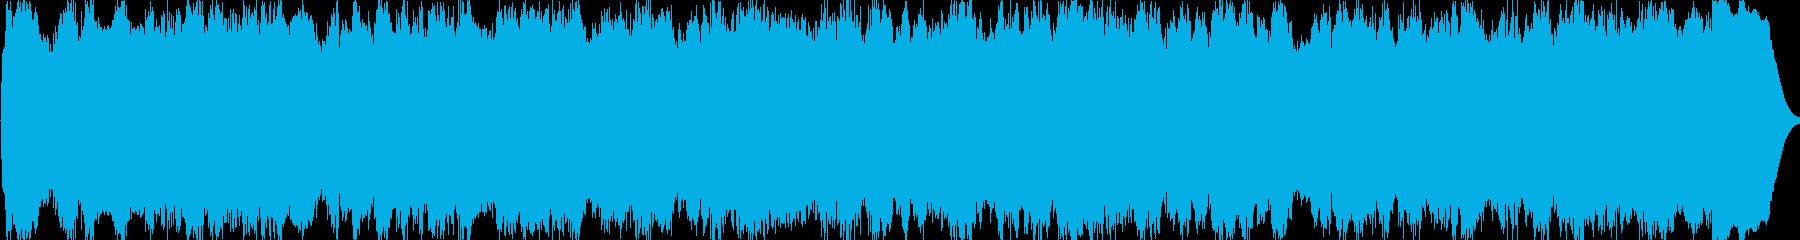 パイプオルガンの曲です。35秒です。の再生済みの波形